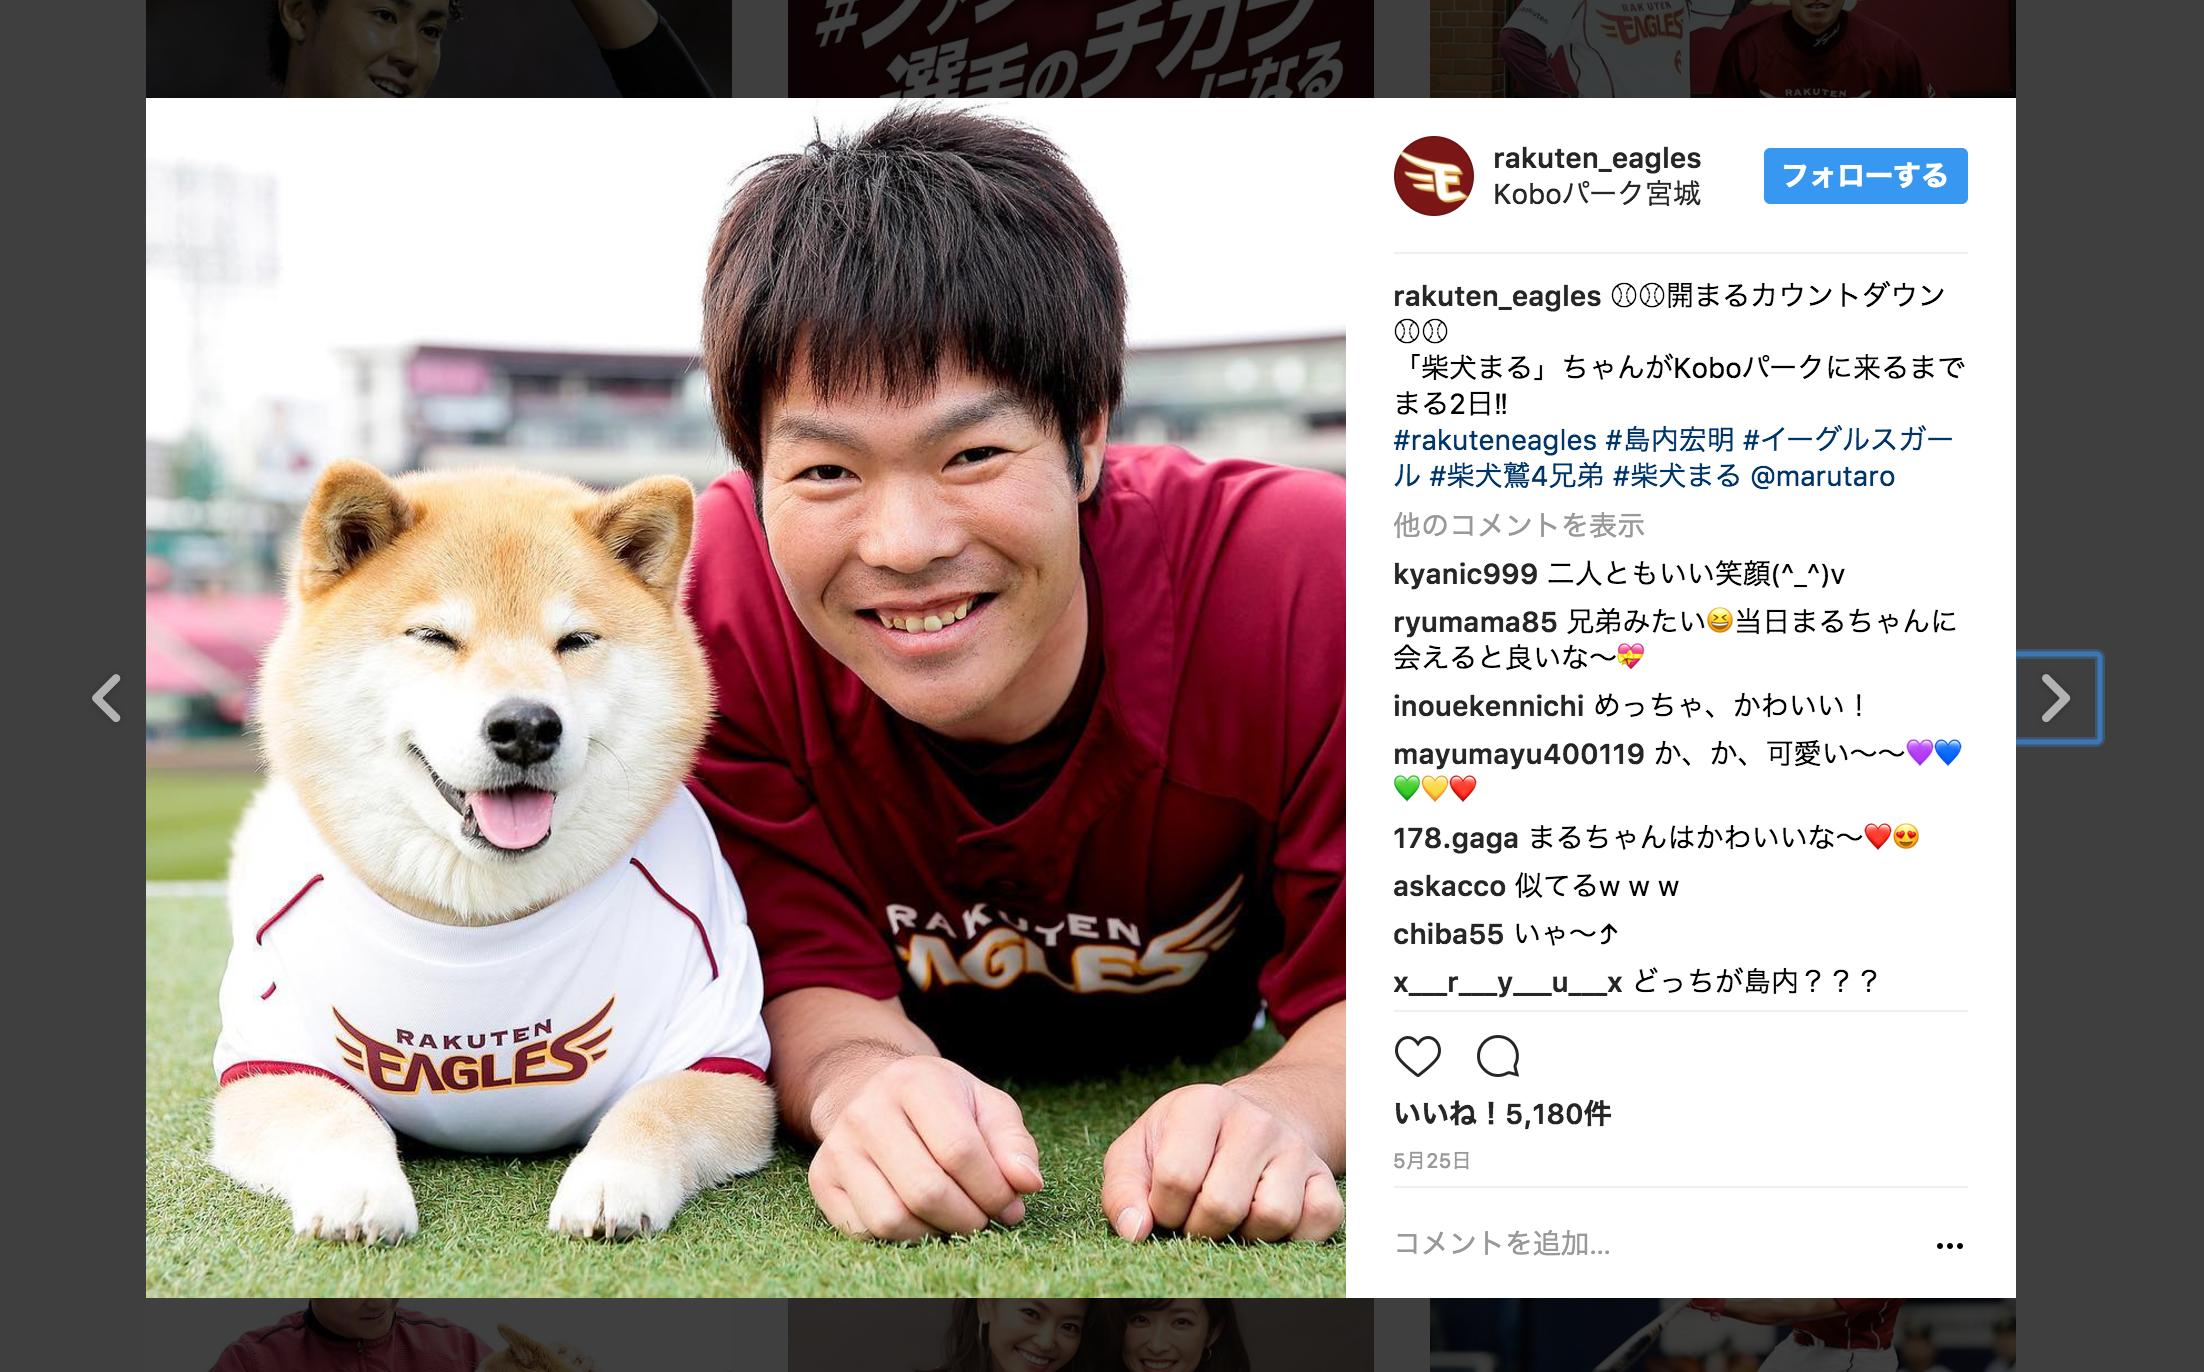 Koboパーク宮城「柴犬まる」がやってきた!!